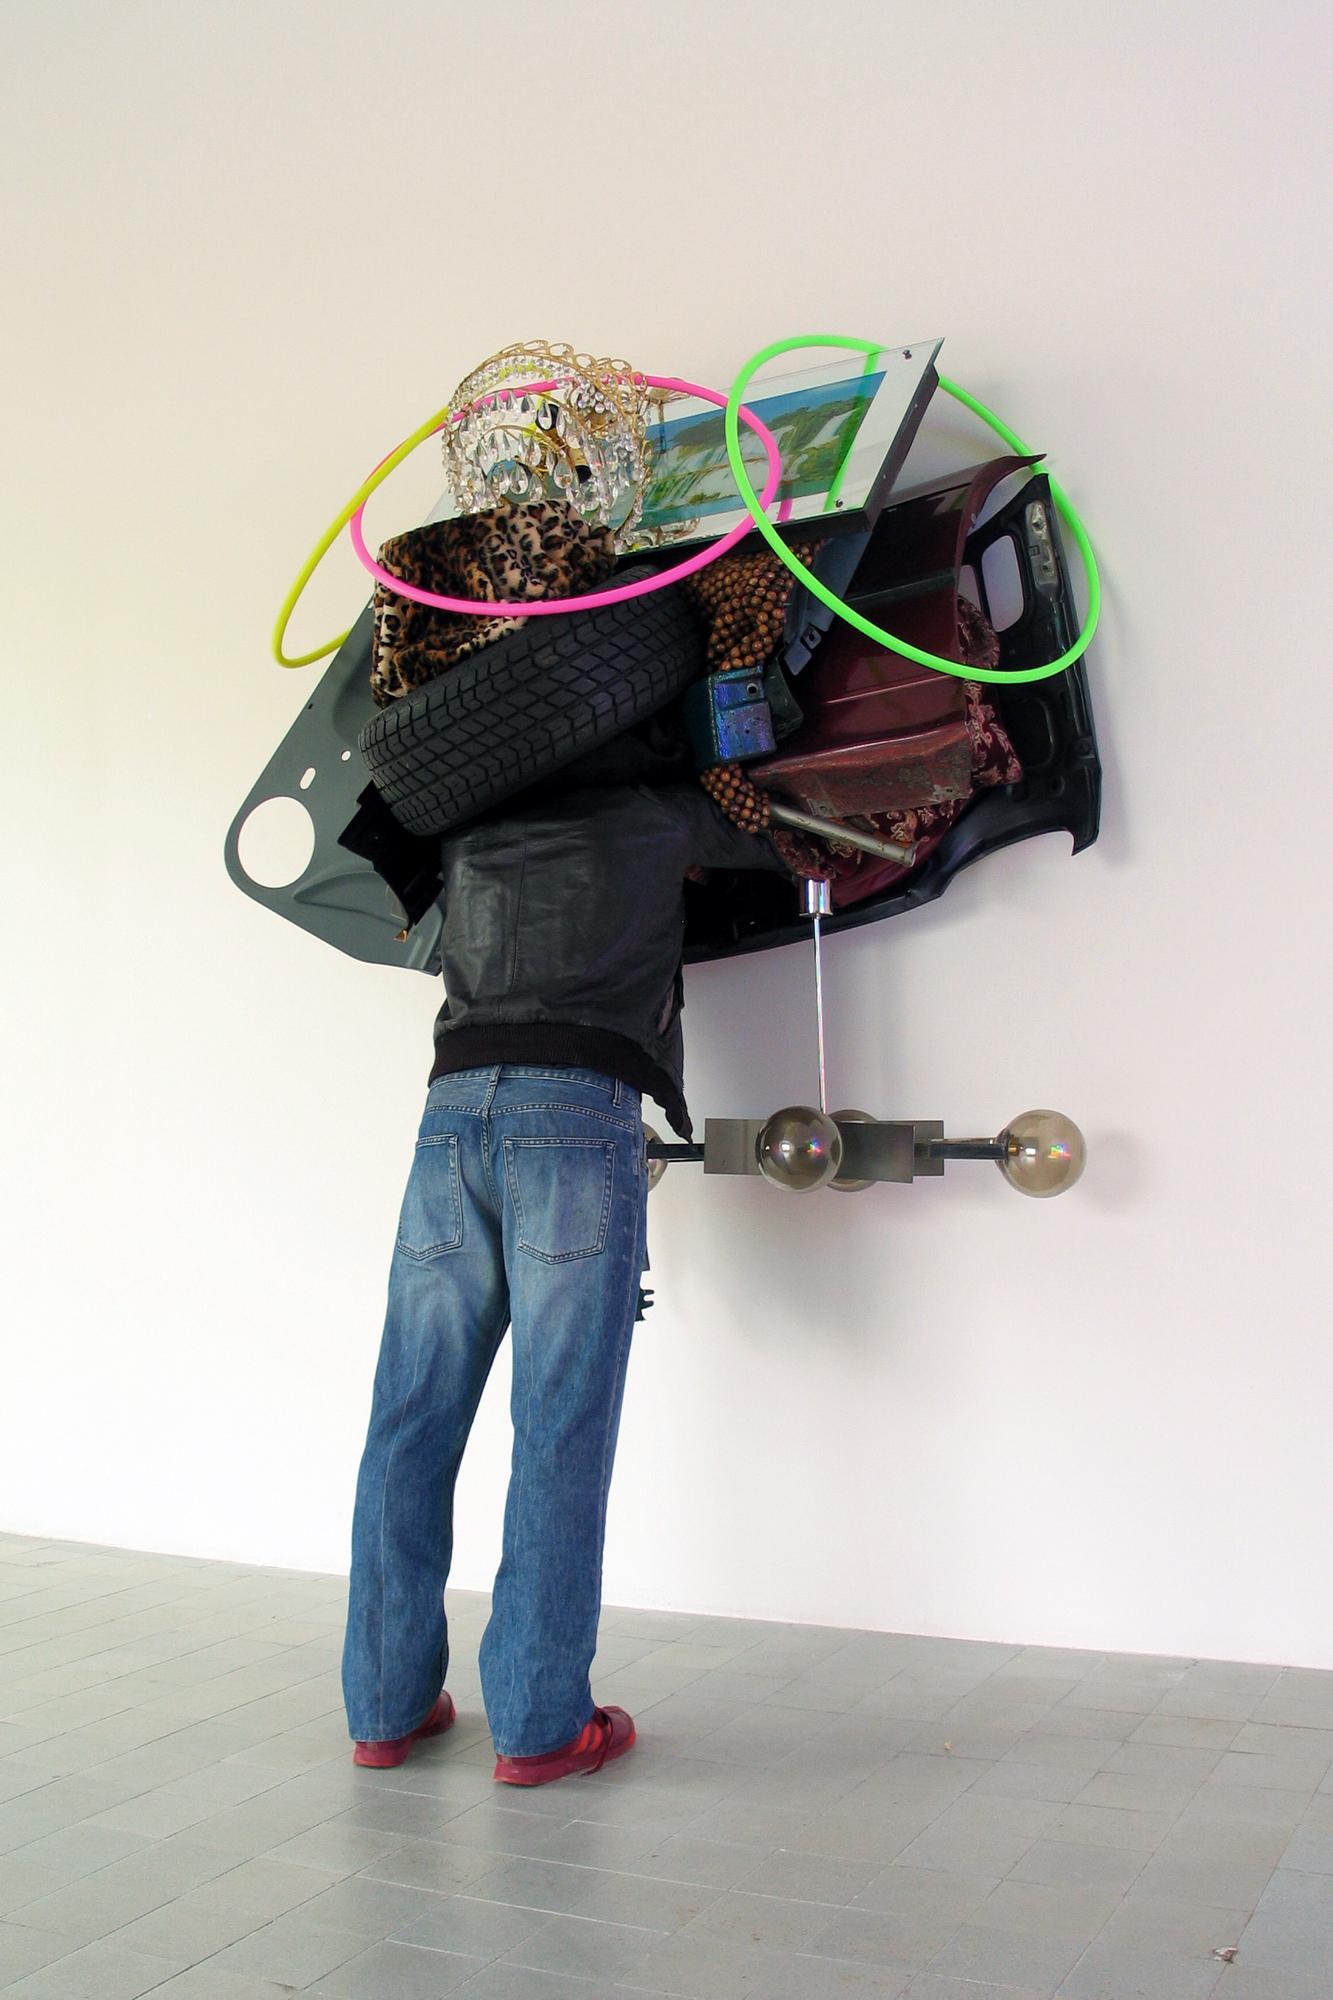 Daniel Firman, Trafic, 2002 © COPYRIGHT | DANIEL FIRMAN | ALL RIGHTS RESERVED